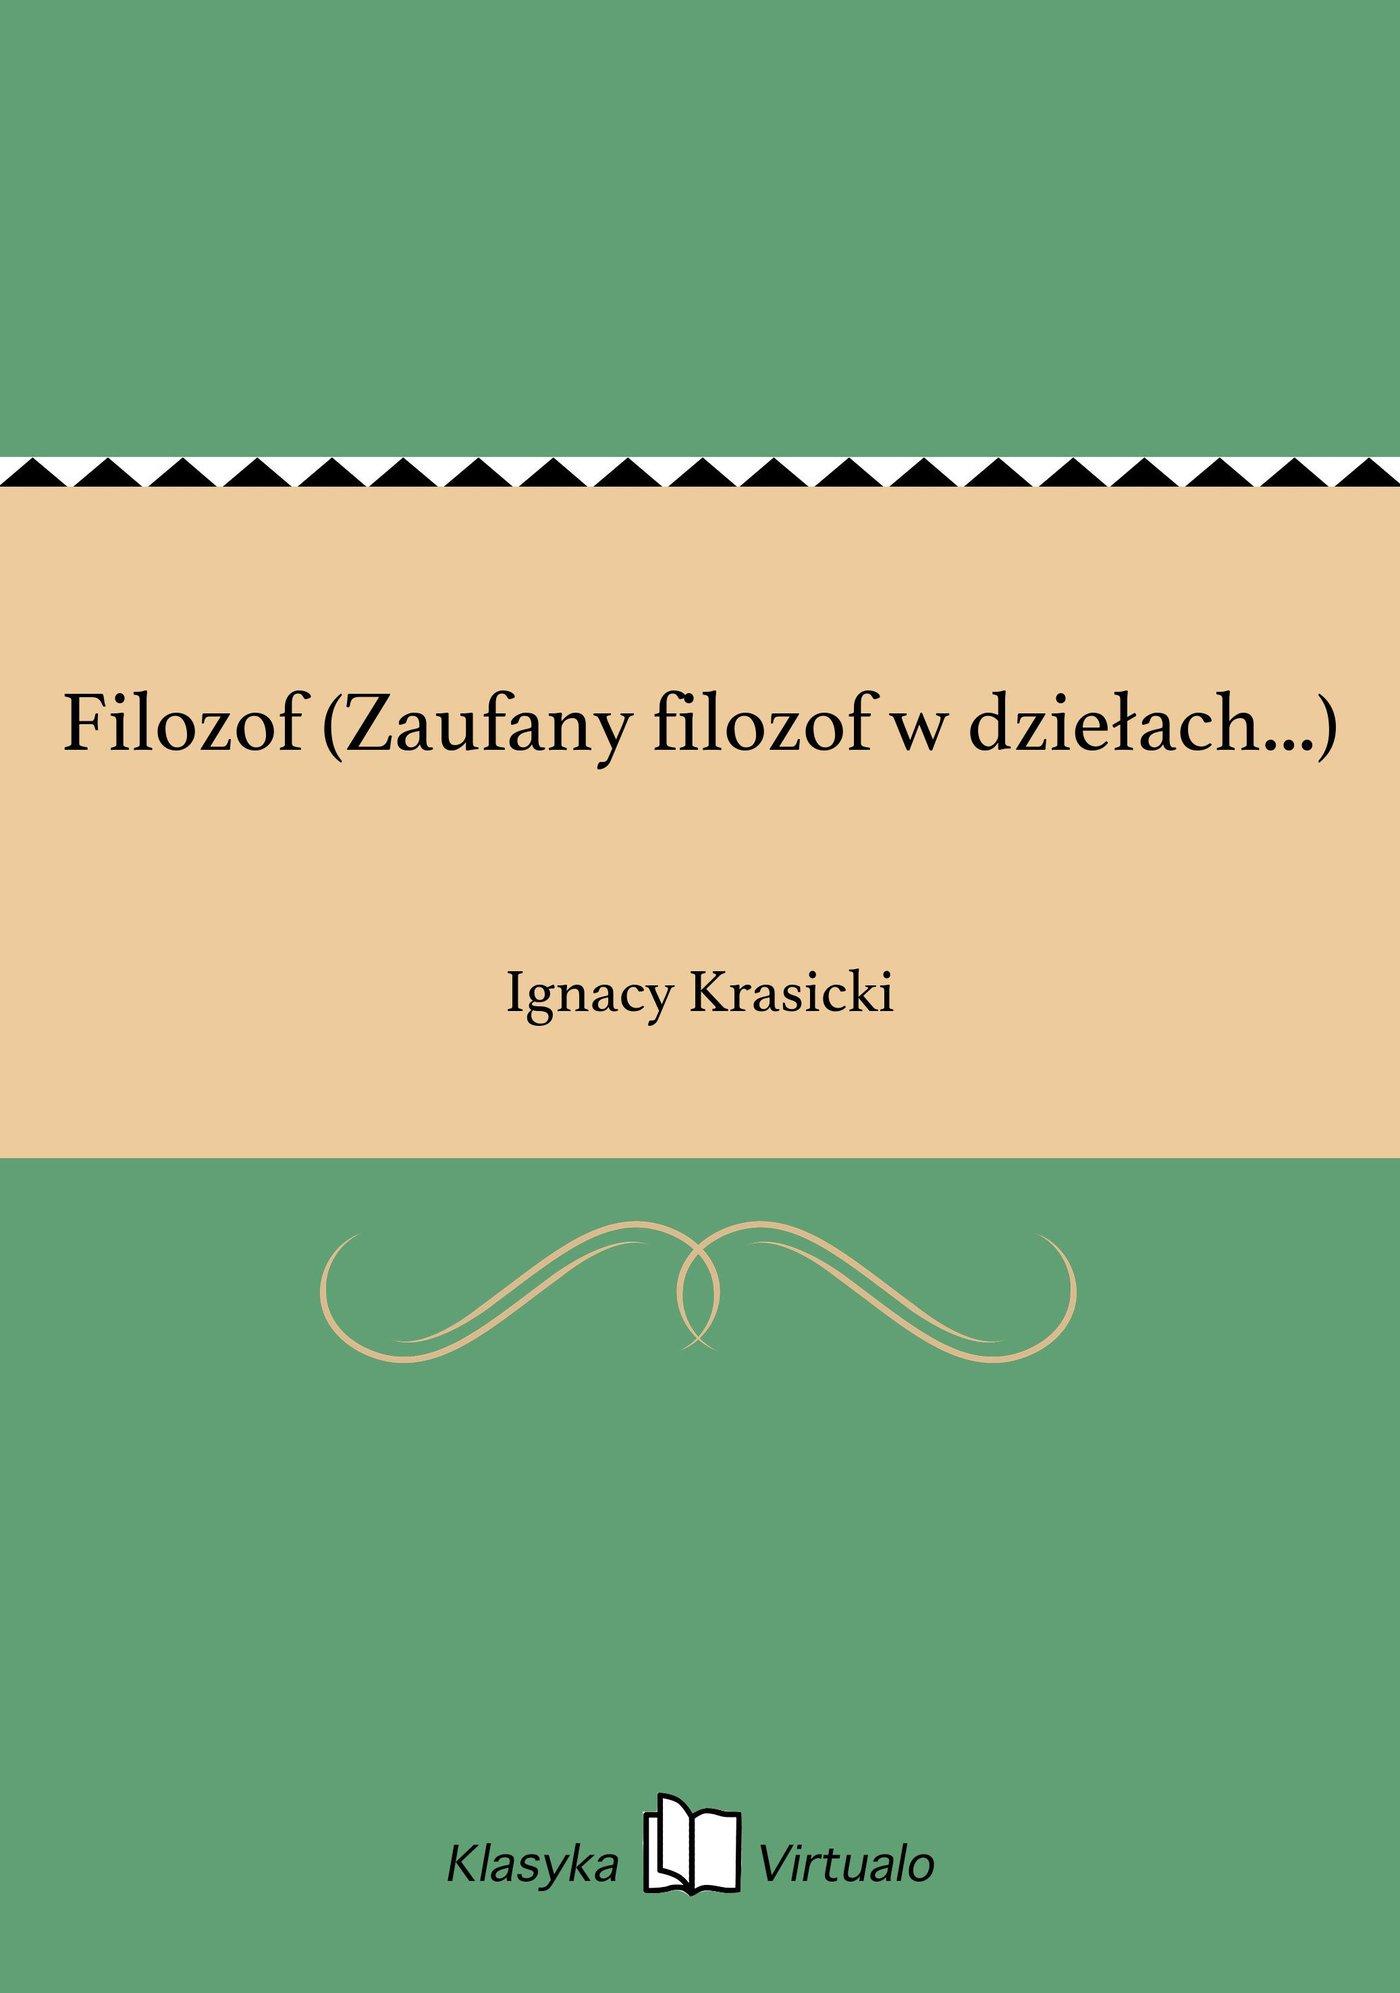 Filozof (Zaufany filozof w dziełach...) - Ebook (Książka EPUB) do pobrania w formacie EPUB